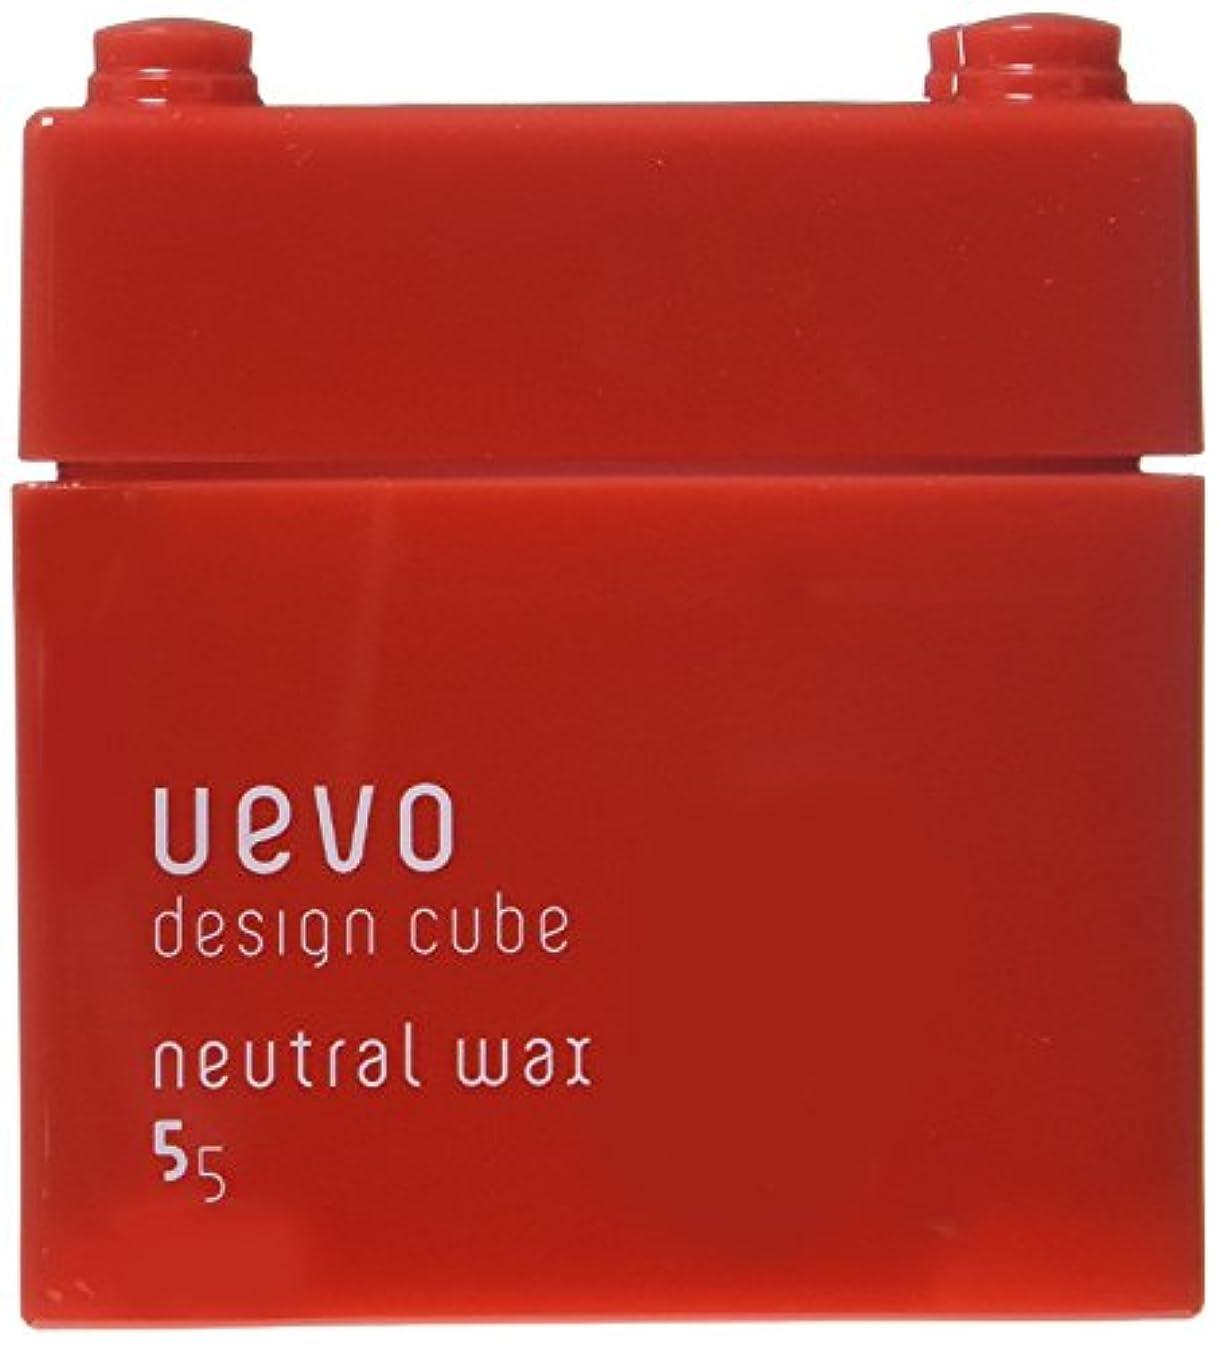 ゴミ箱を空にする純粋なキリスト教ウェーボ デザインキューブ ニュートラルワックス 80g